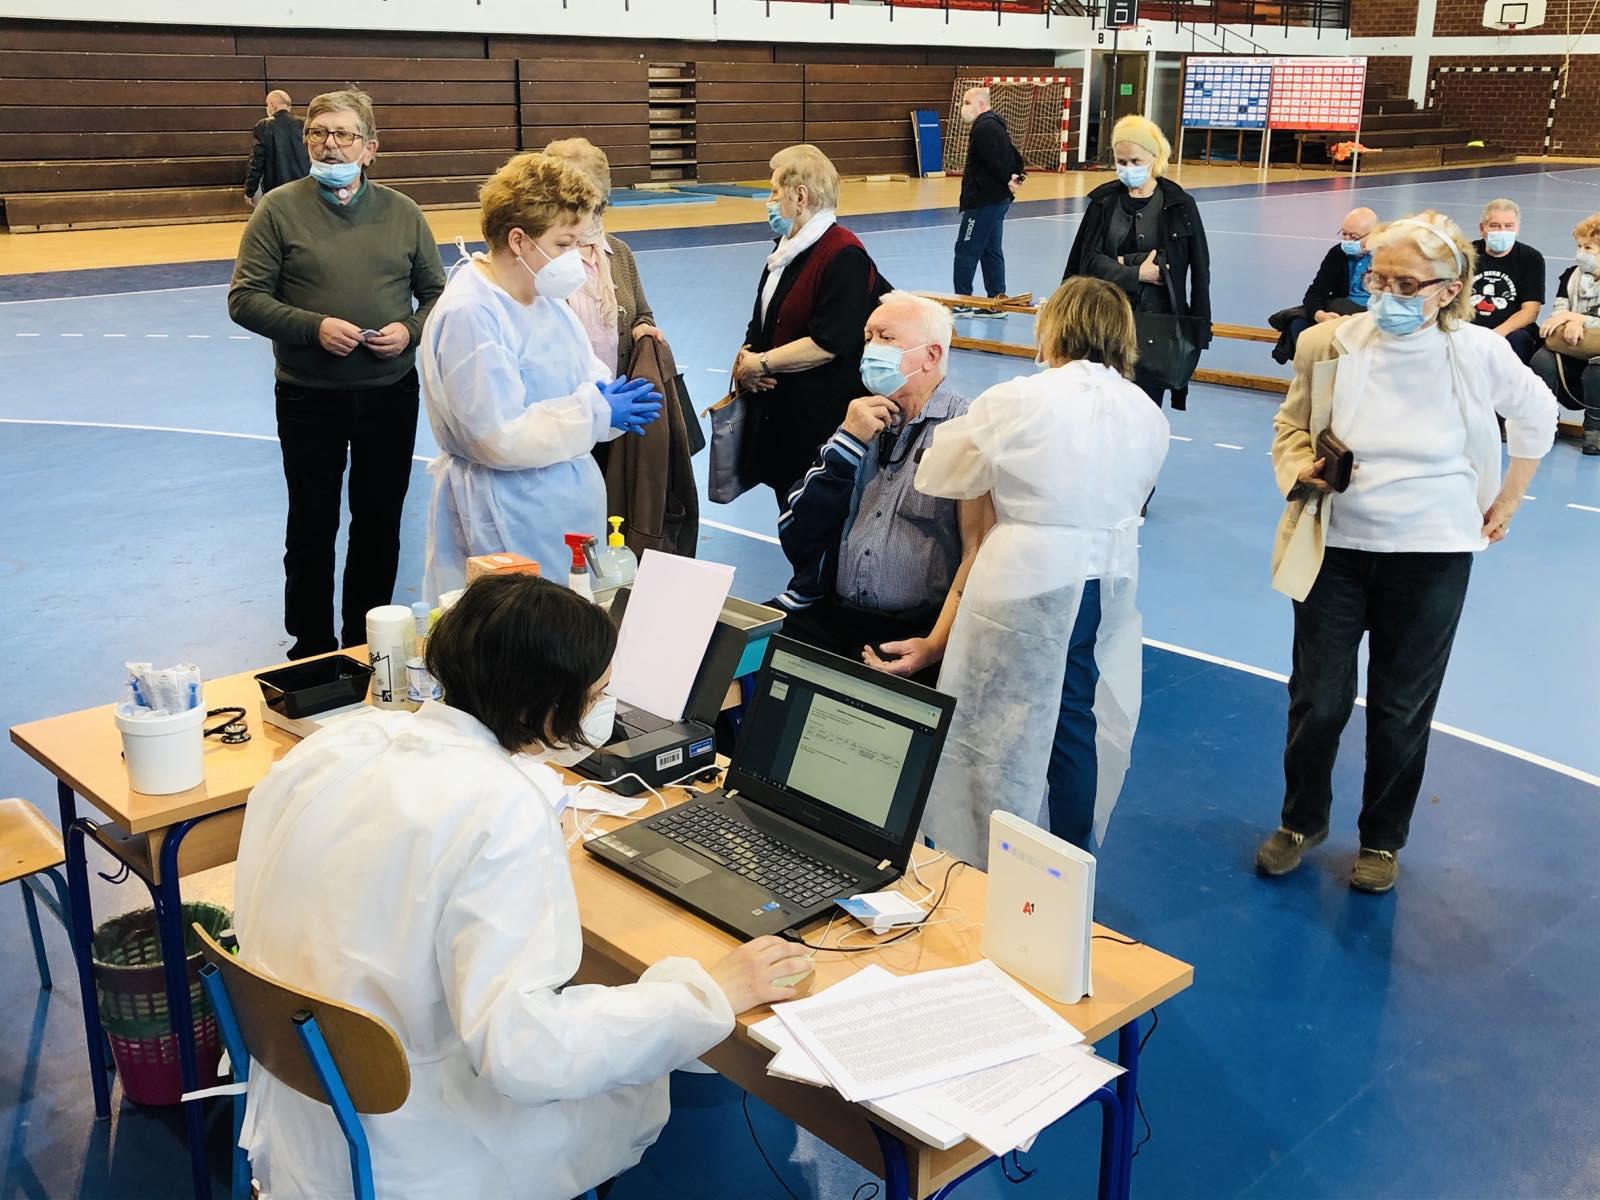 Cijepljenje protiv koronavirusa ovoga tjedna osim u Bjelovaru organizirano i u Čazmi